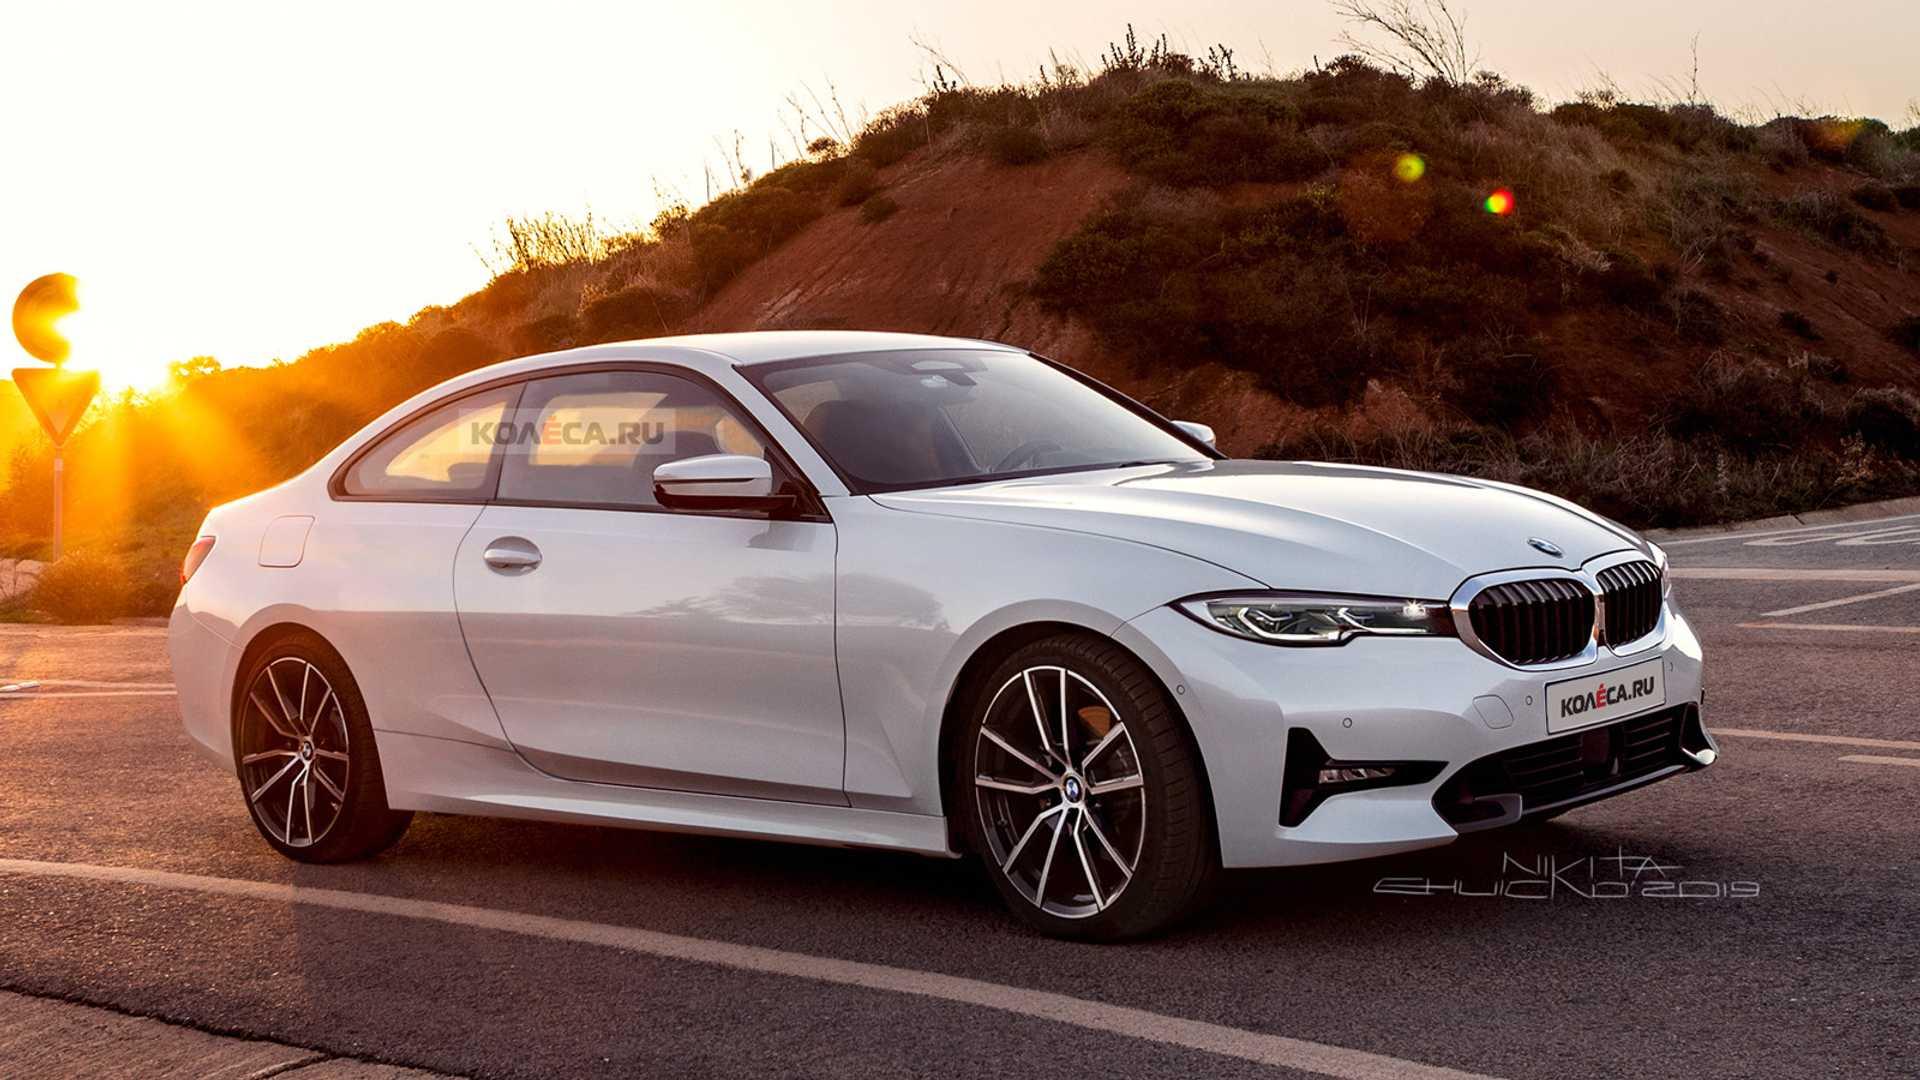 BMW serii 4 2020 - Połączenie serii 8 i 3 w pośrednim wydaniu